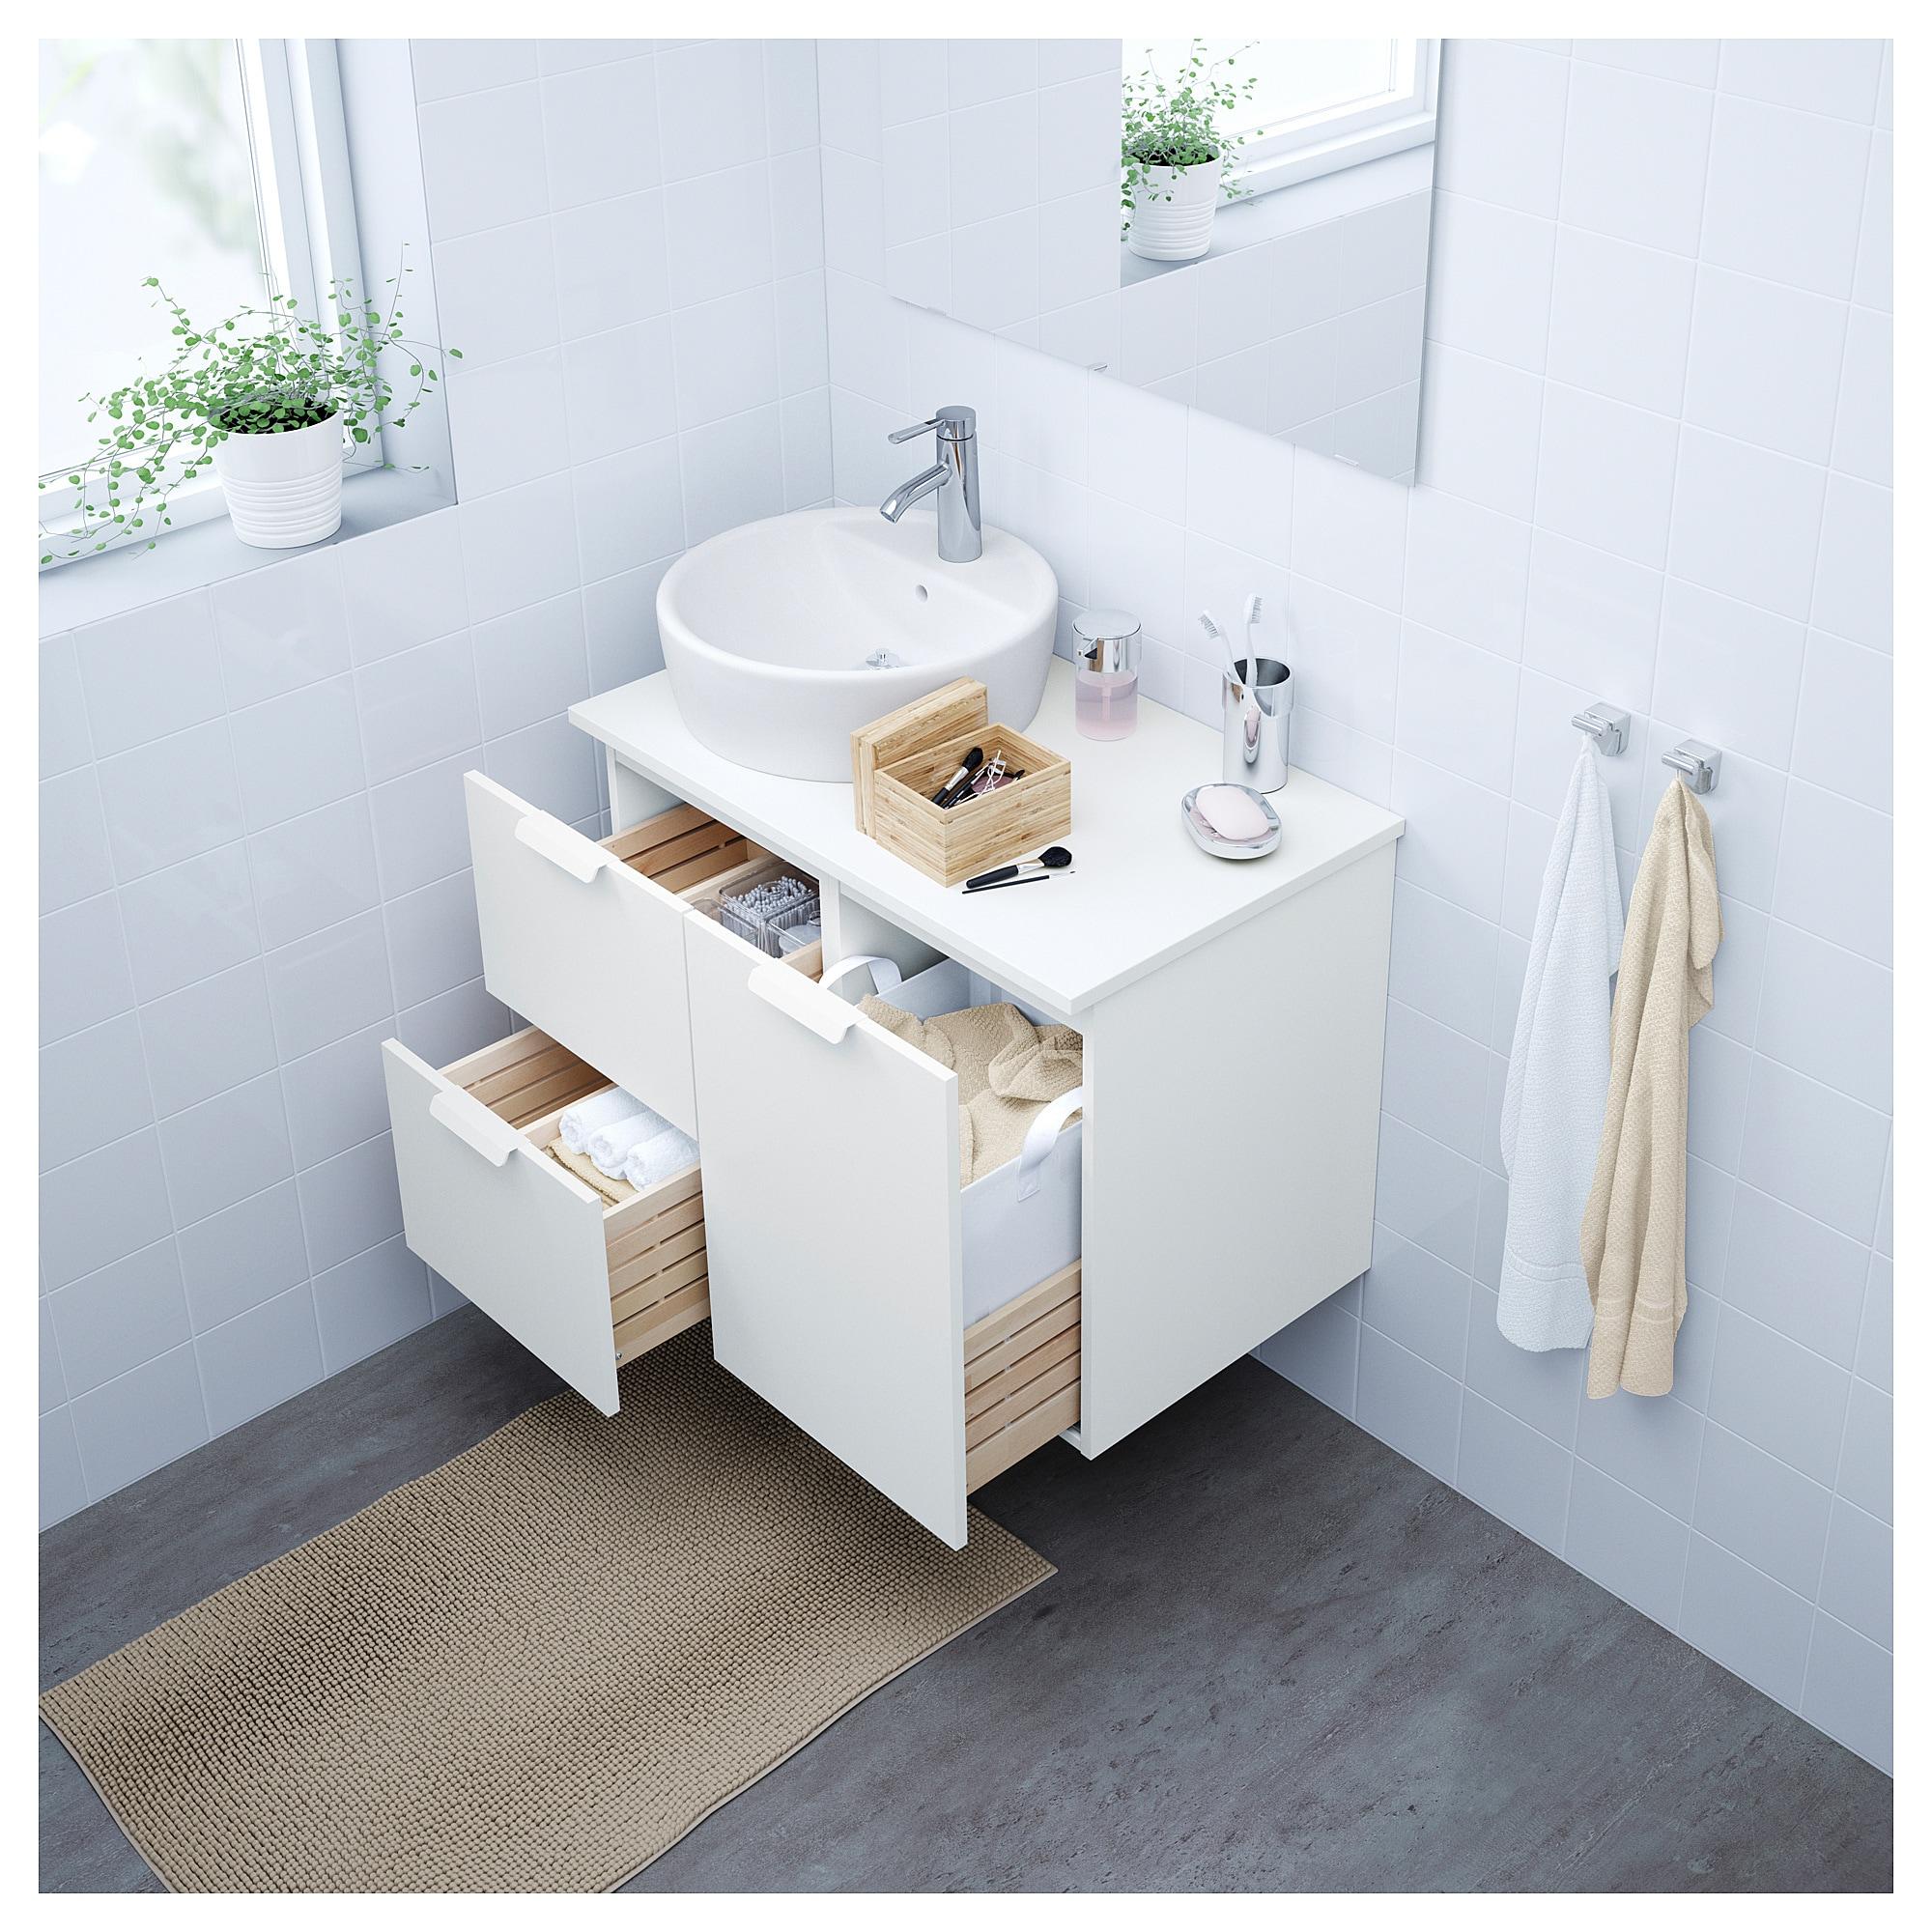 Godmorgon Tolken Tornviken Waschbschr Waschb 45 Weiss Weiss Ikea Godmorgon Waschbeckenschrank Ikea